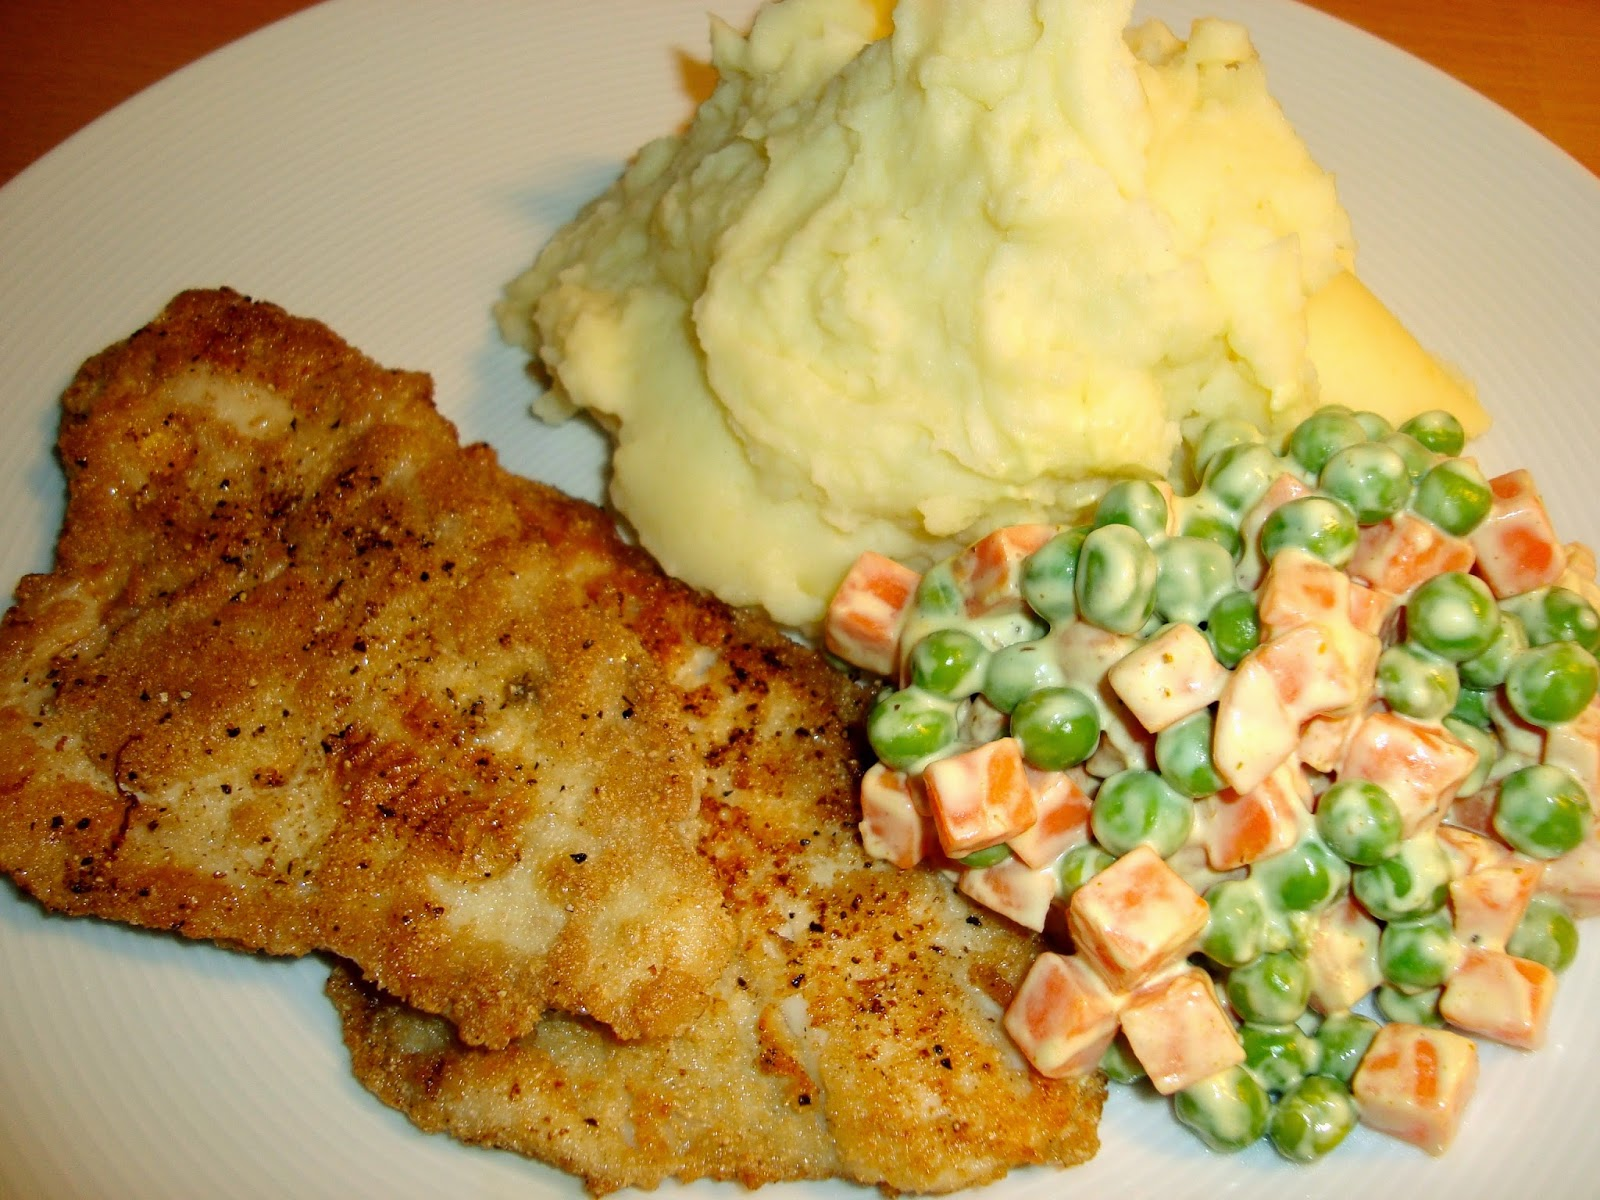 panerad fisk glutenfri